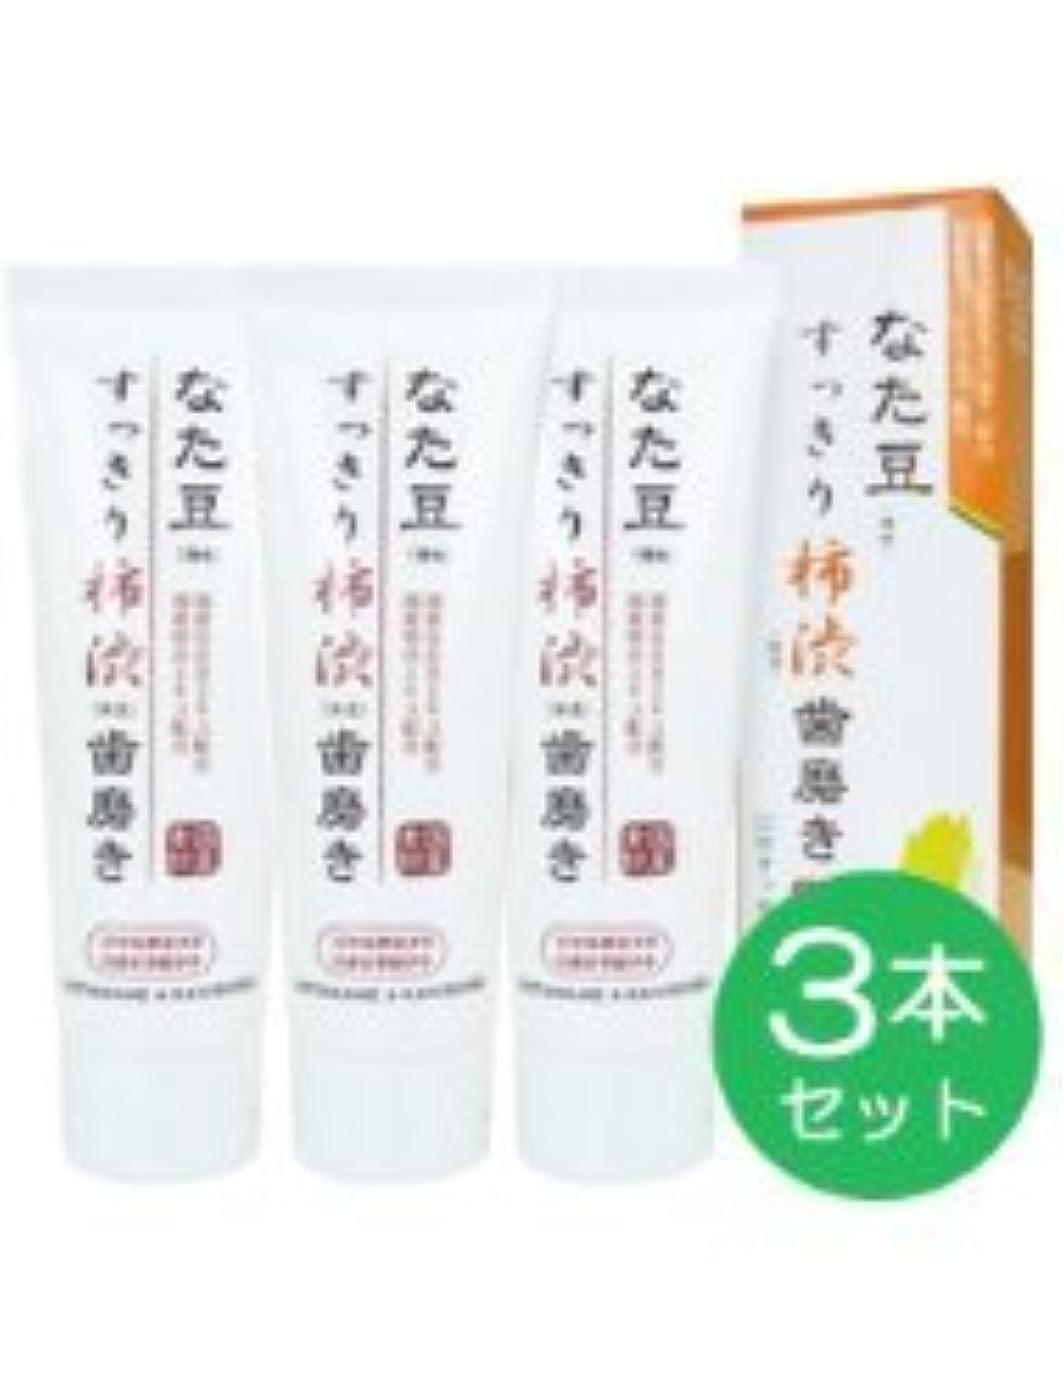 熟読する連合マウントバンクなた豆 すっきり 柿渋 歯磨き 120g (3本セット)